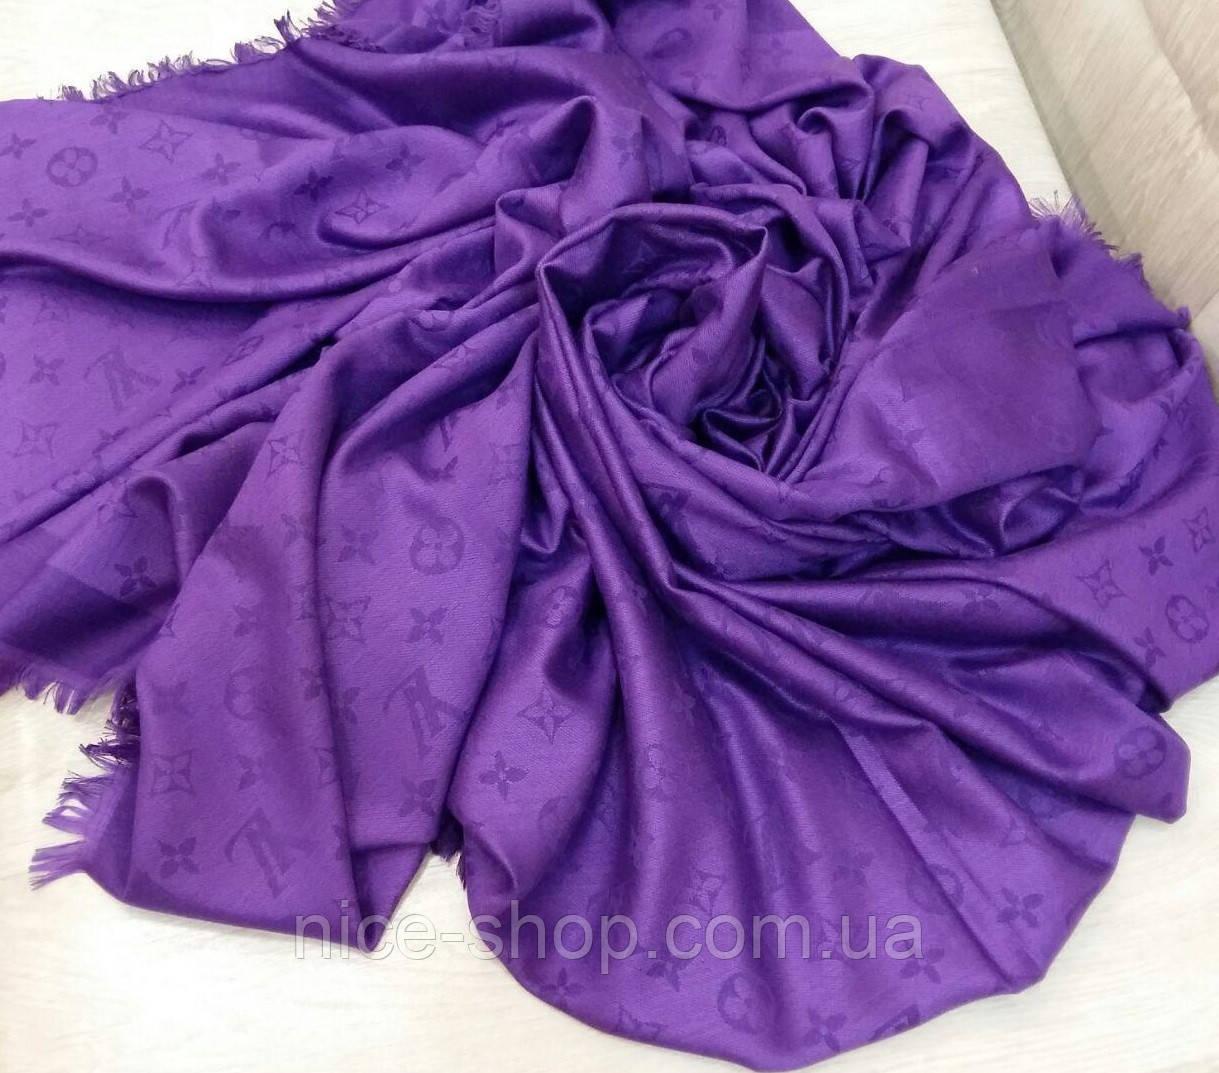 Платок Louis Vuitton фиолетовый